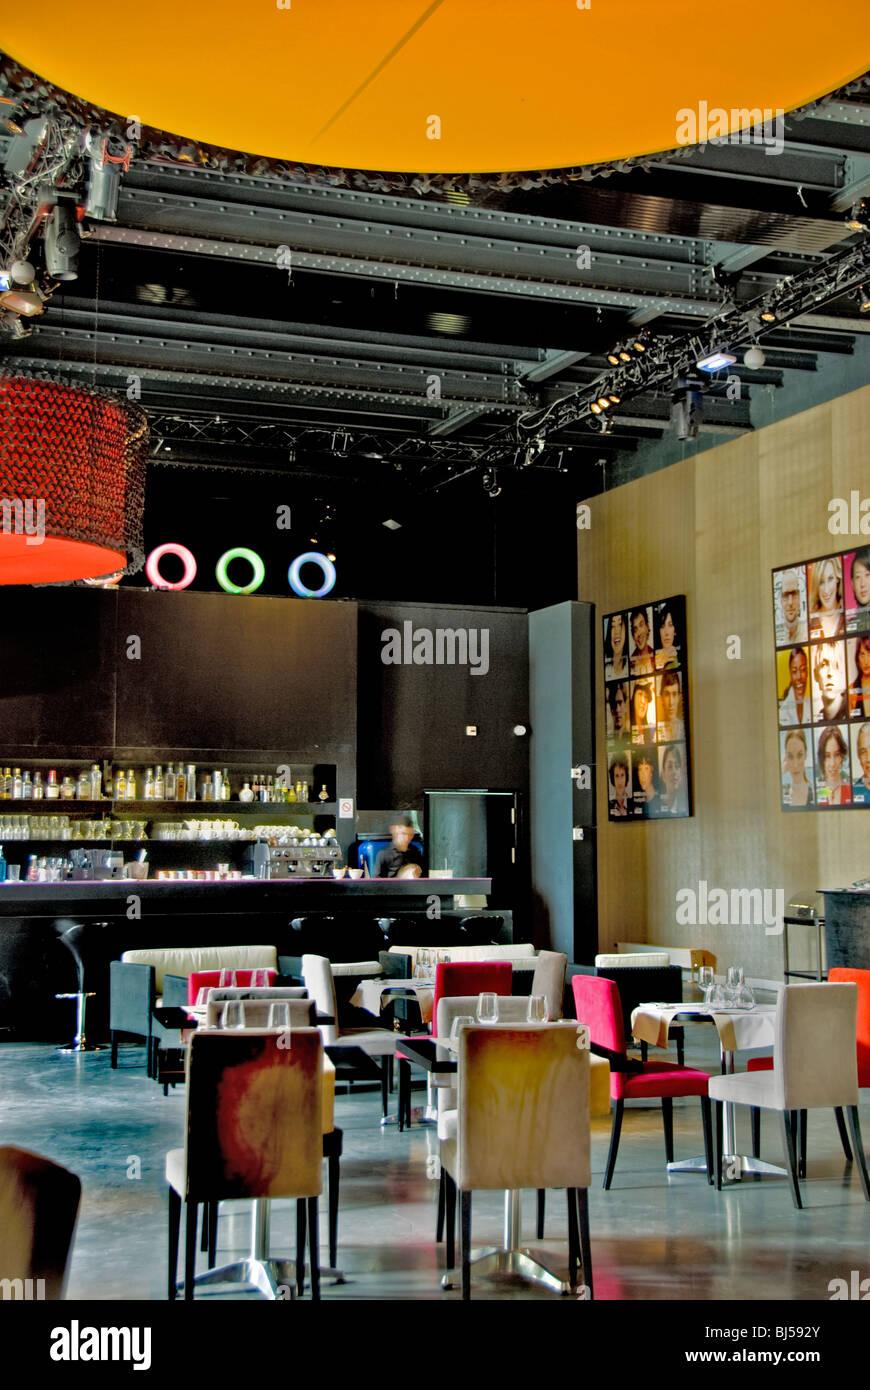 par s francia el restaurante franc s 39 mini palais 39 en el museo grand palais comedor y bar. Black Bedroom Furniture Sets. Home Design Ideas